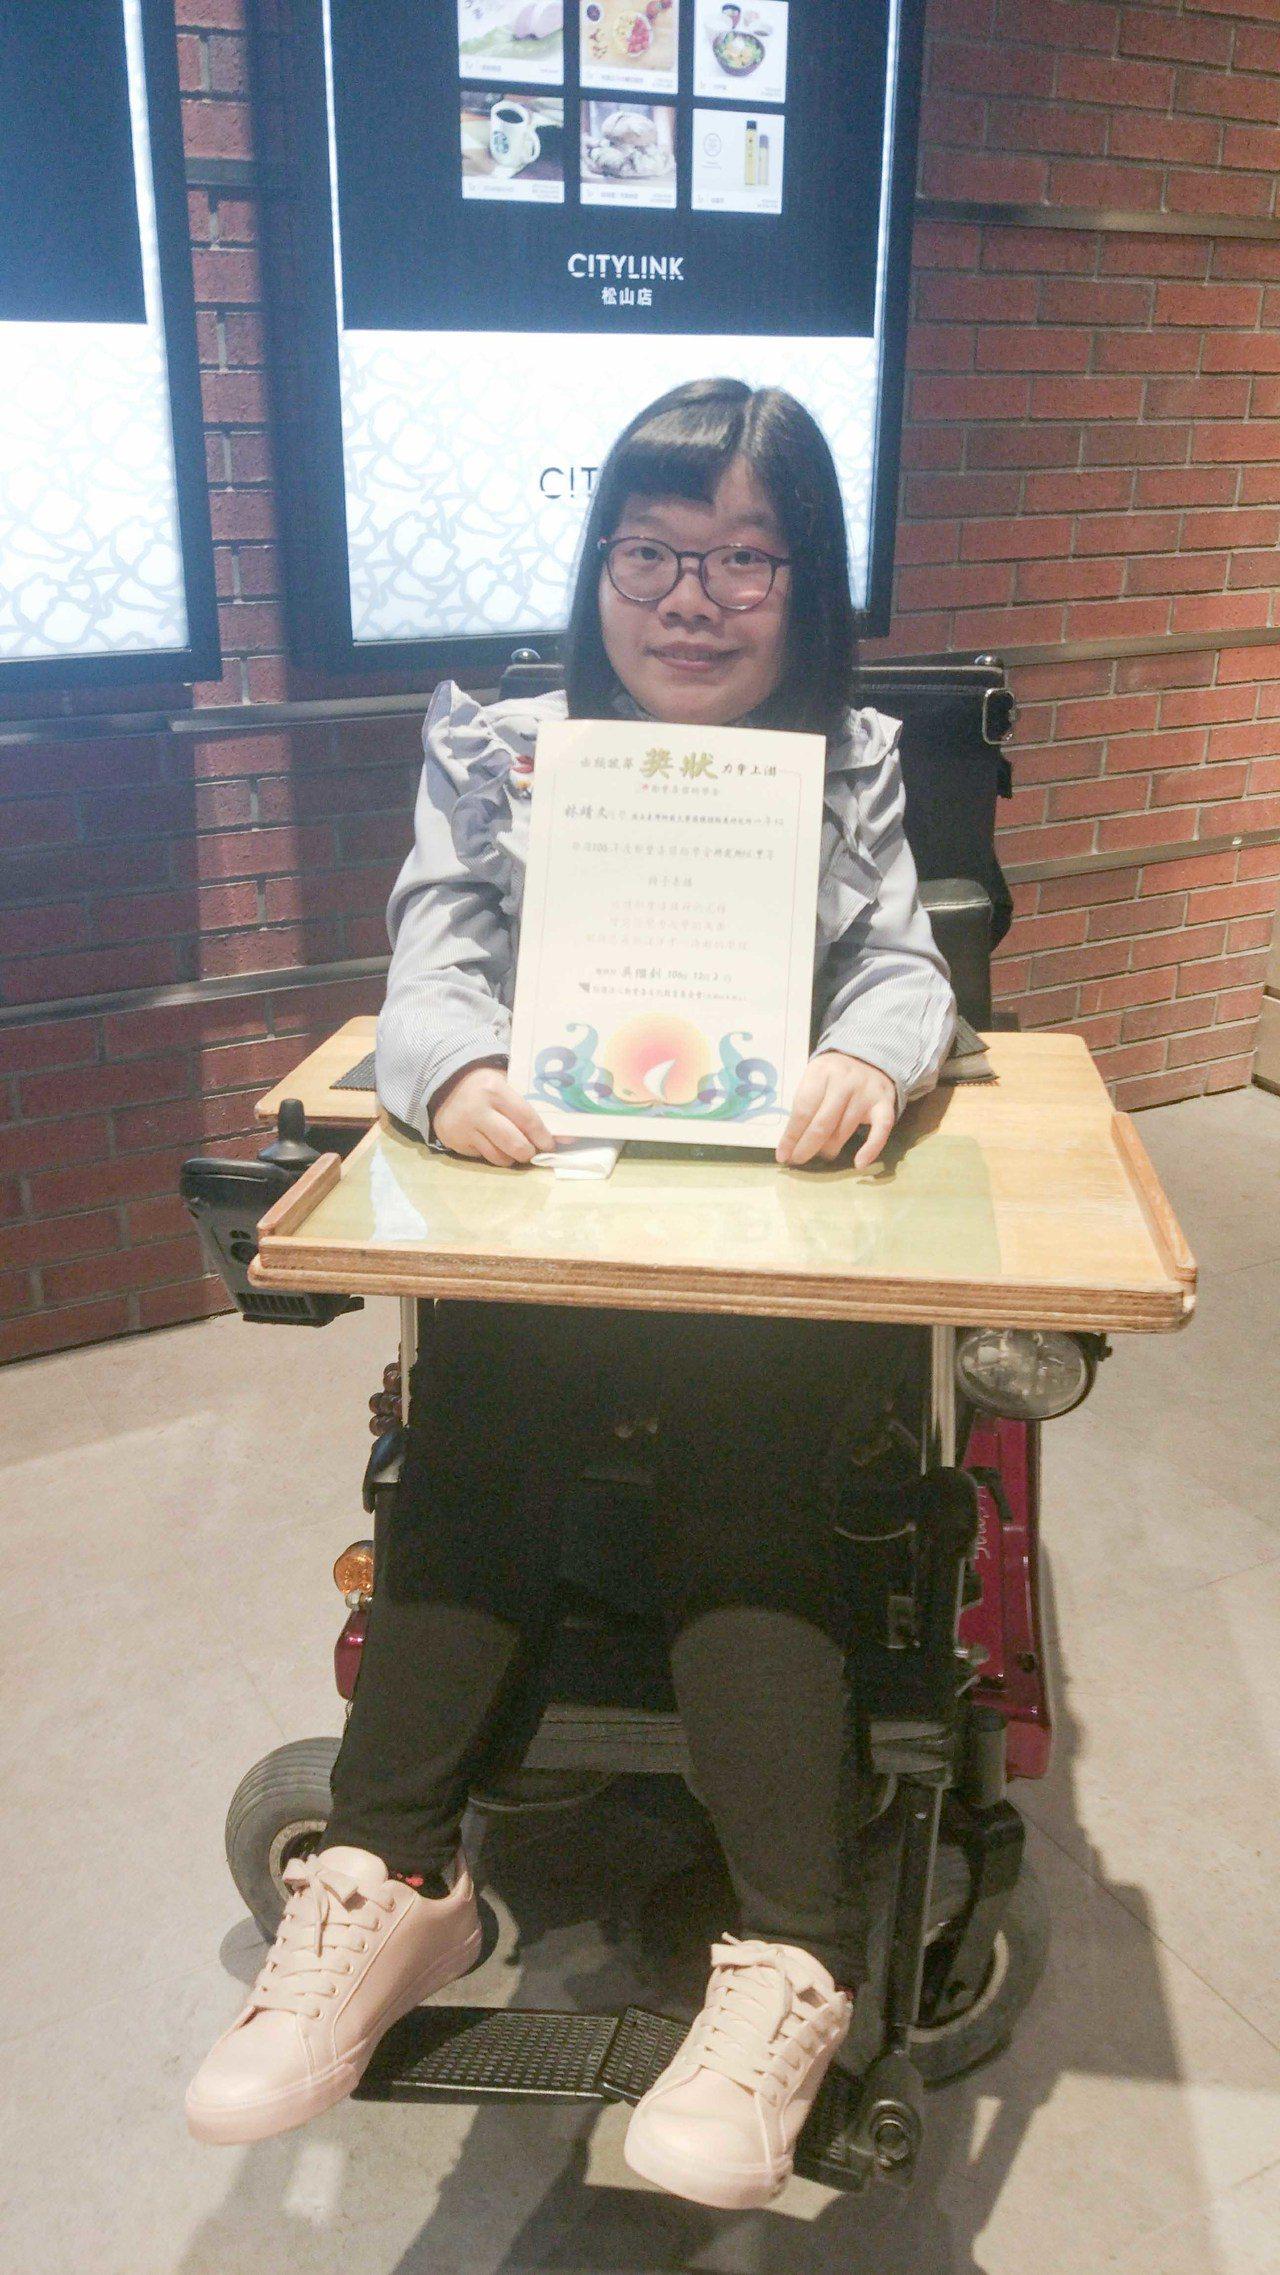 罹患脊隨性肌肉萎縮的林靖文出生到現在都與輪椅為伴,今天她獲頒鄭豐喜獎學金研究所甲...